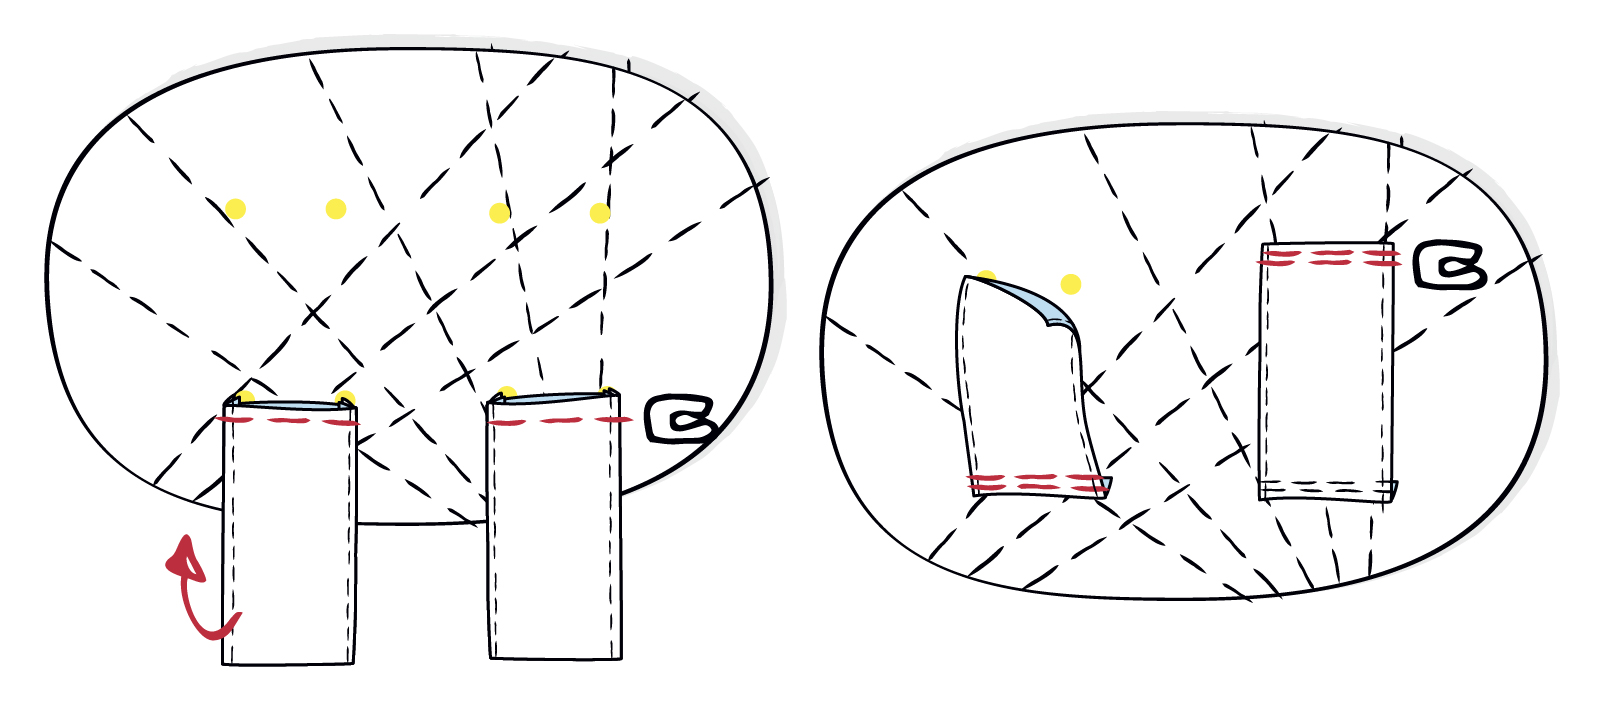 Gürtelschlaufen auf dem Rückteil positionieren und mit einem Riegel aufsteppen